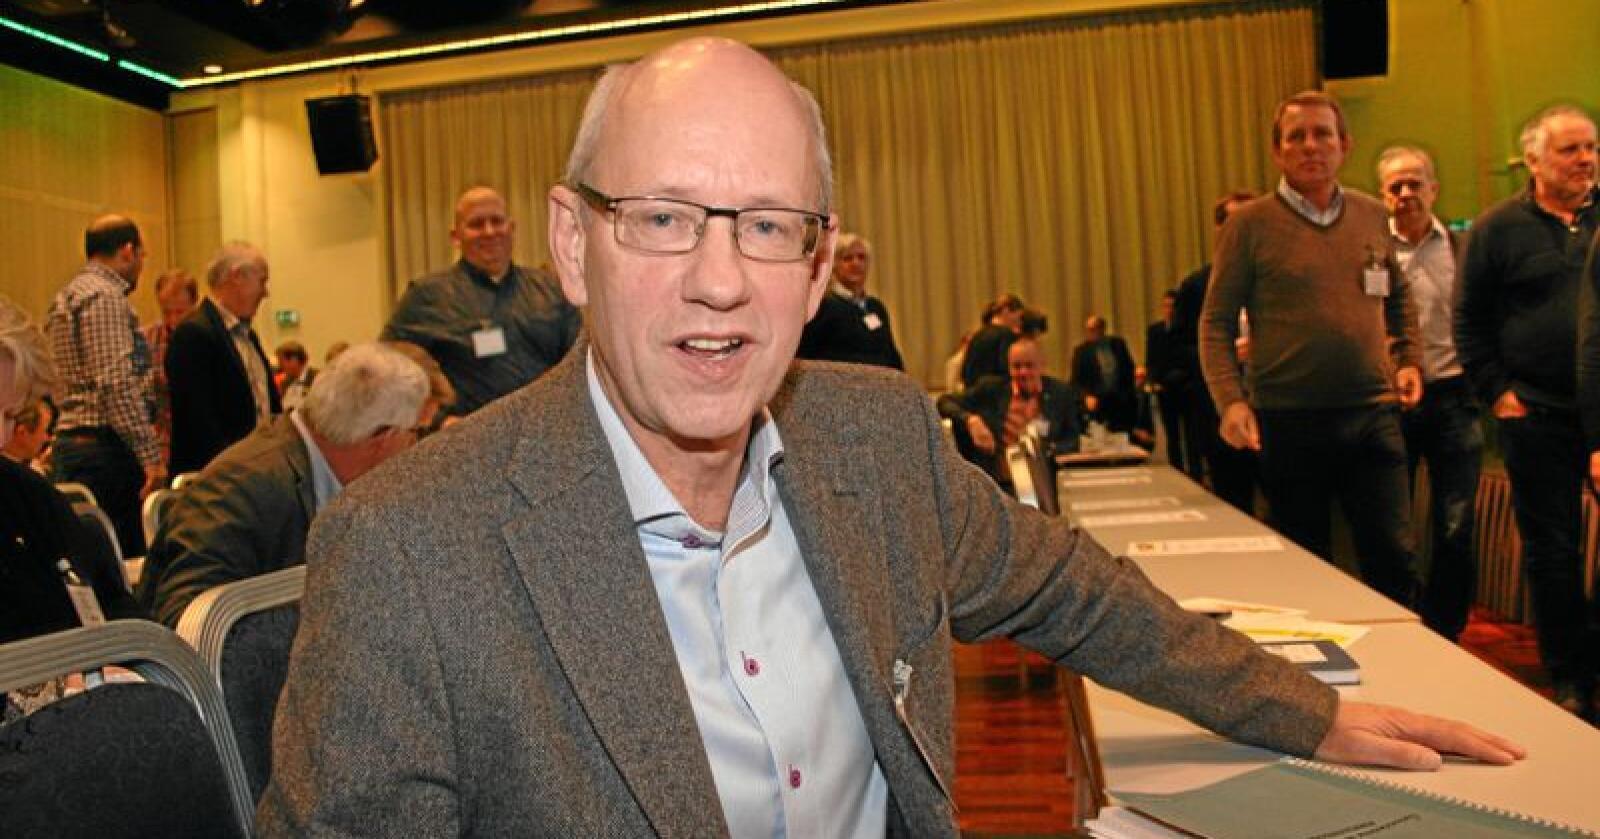 Optimist: Administrerande direktør i Norske Felleskjøp, Lars Fredrik Stuve, seier han er optimistisk med tanke på å få reetablert beredskapslagring av matkorn. Foto: Bjarne Bekkeheien Aase